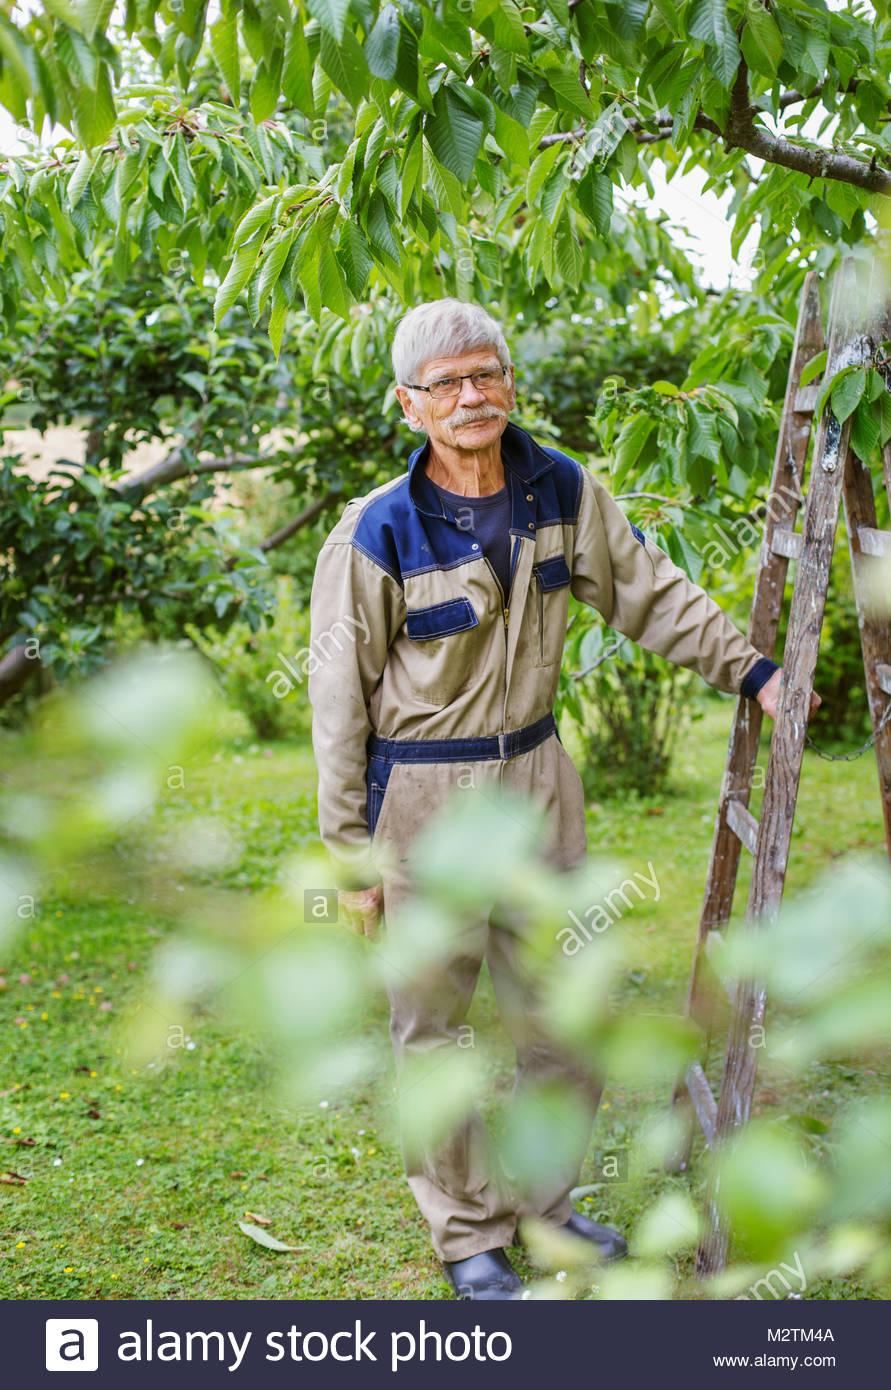 Hombre sujetando la escalera en huerto Imagen De Stock